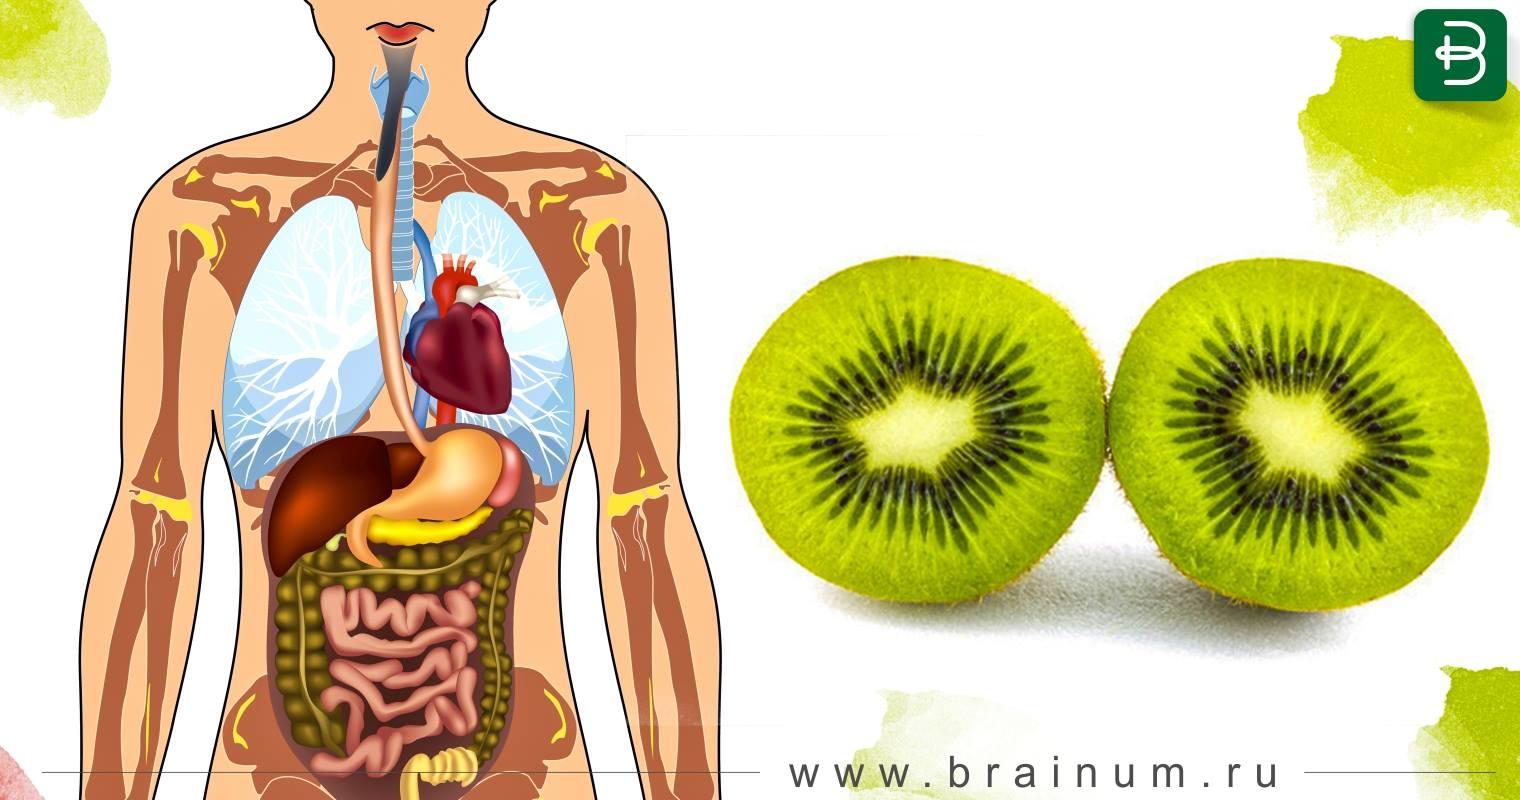 И нормального формирования плода кроме того стоит употреблять больше фруктов